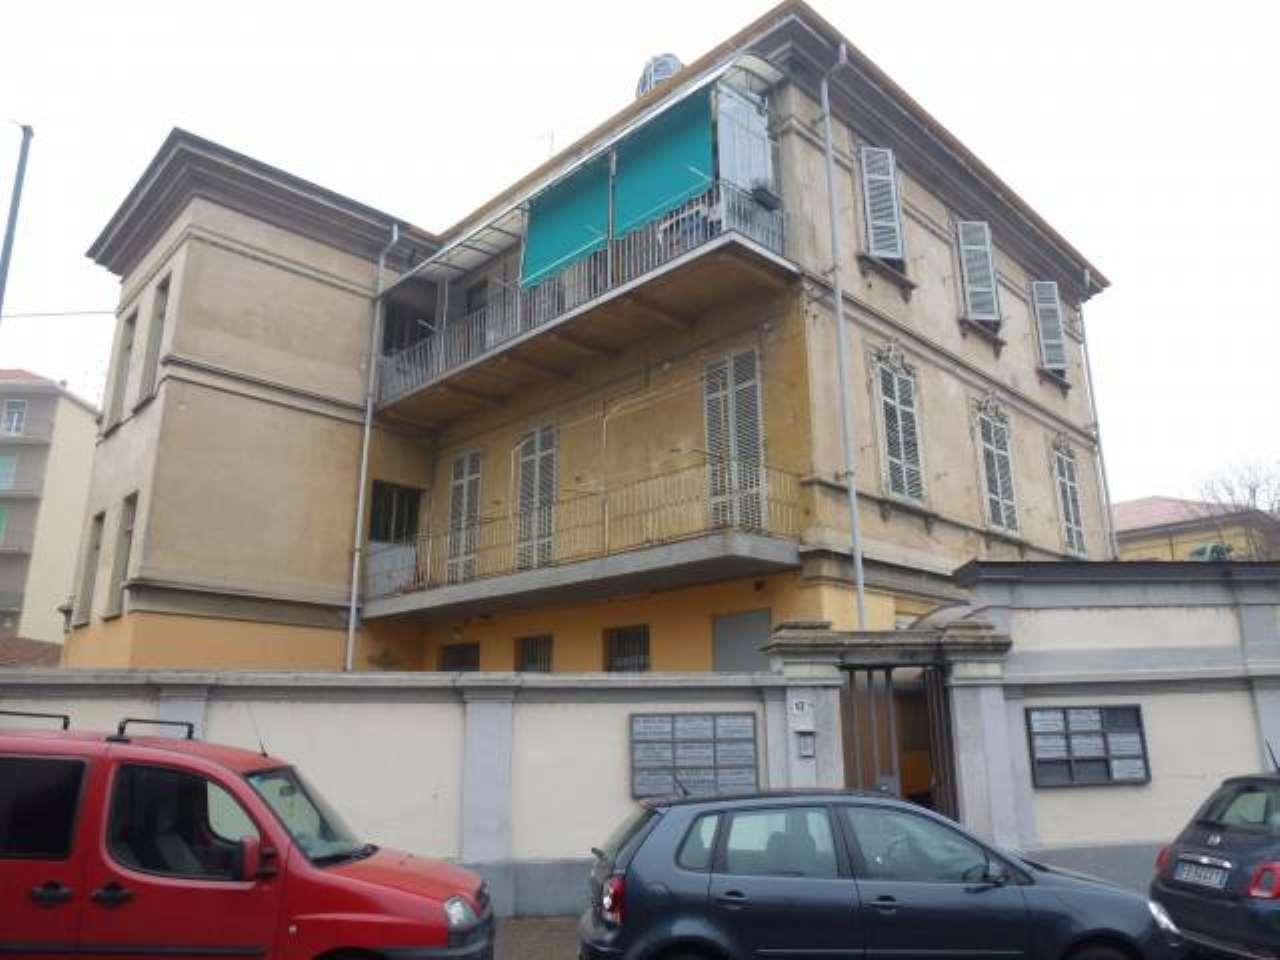 Ufficio / Studio in vendita a Vercelli, 6 locali, prezzo € 225.000 | CambioCasa.it